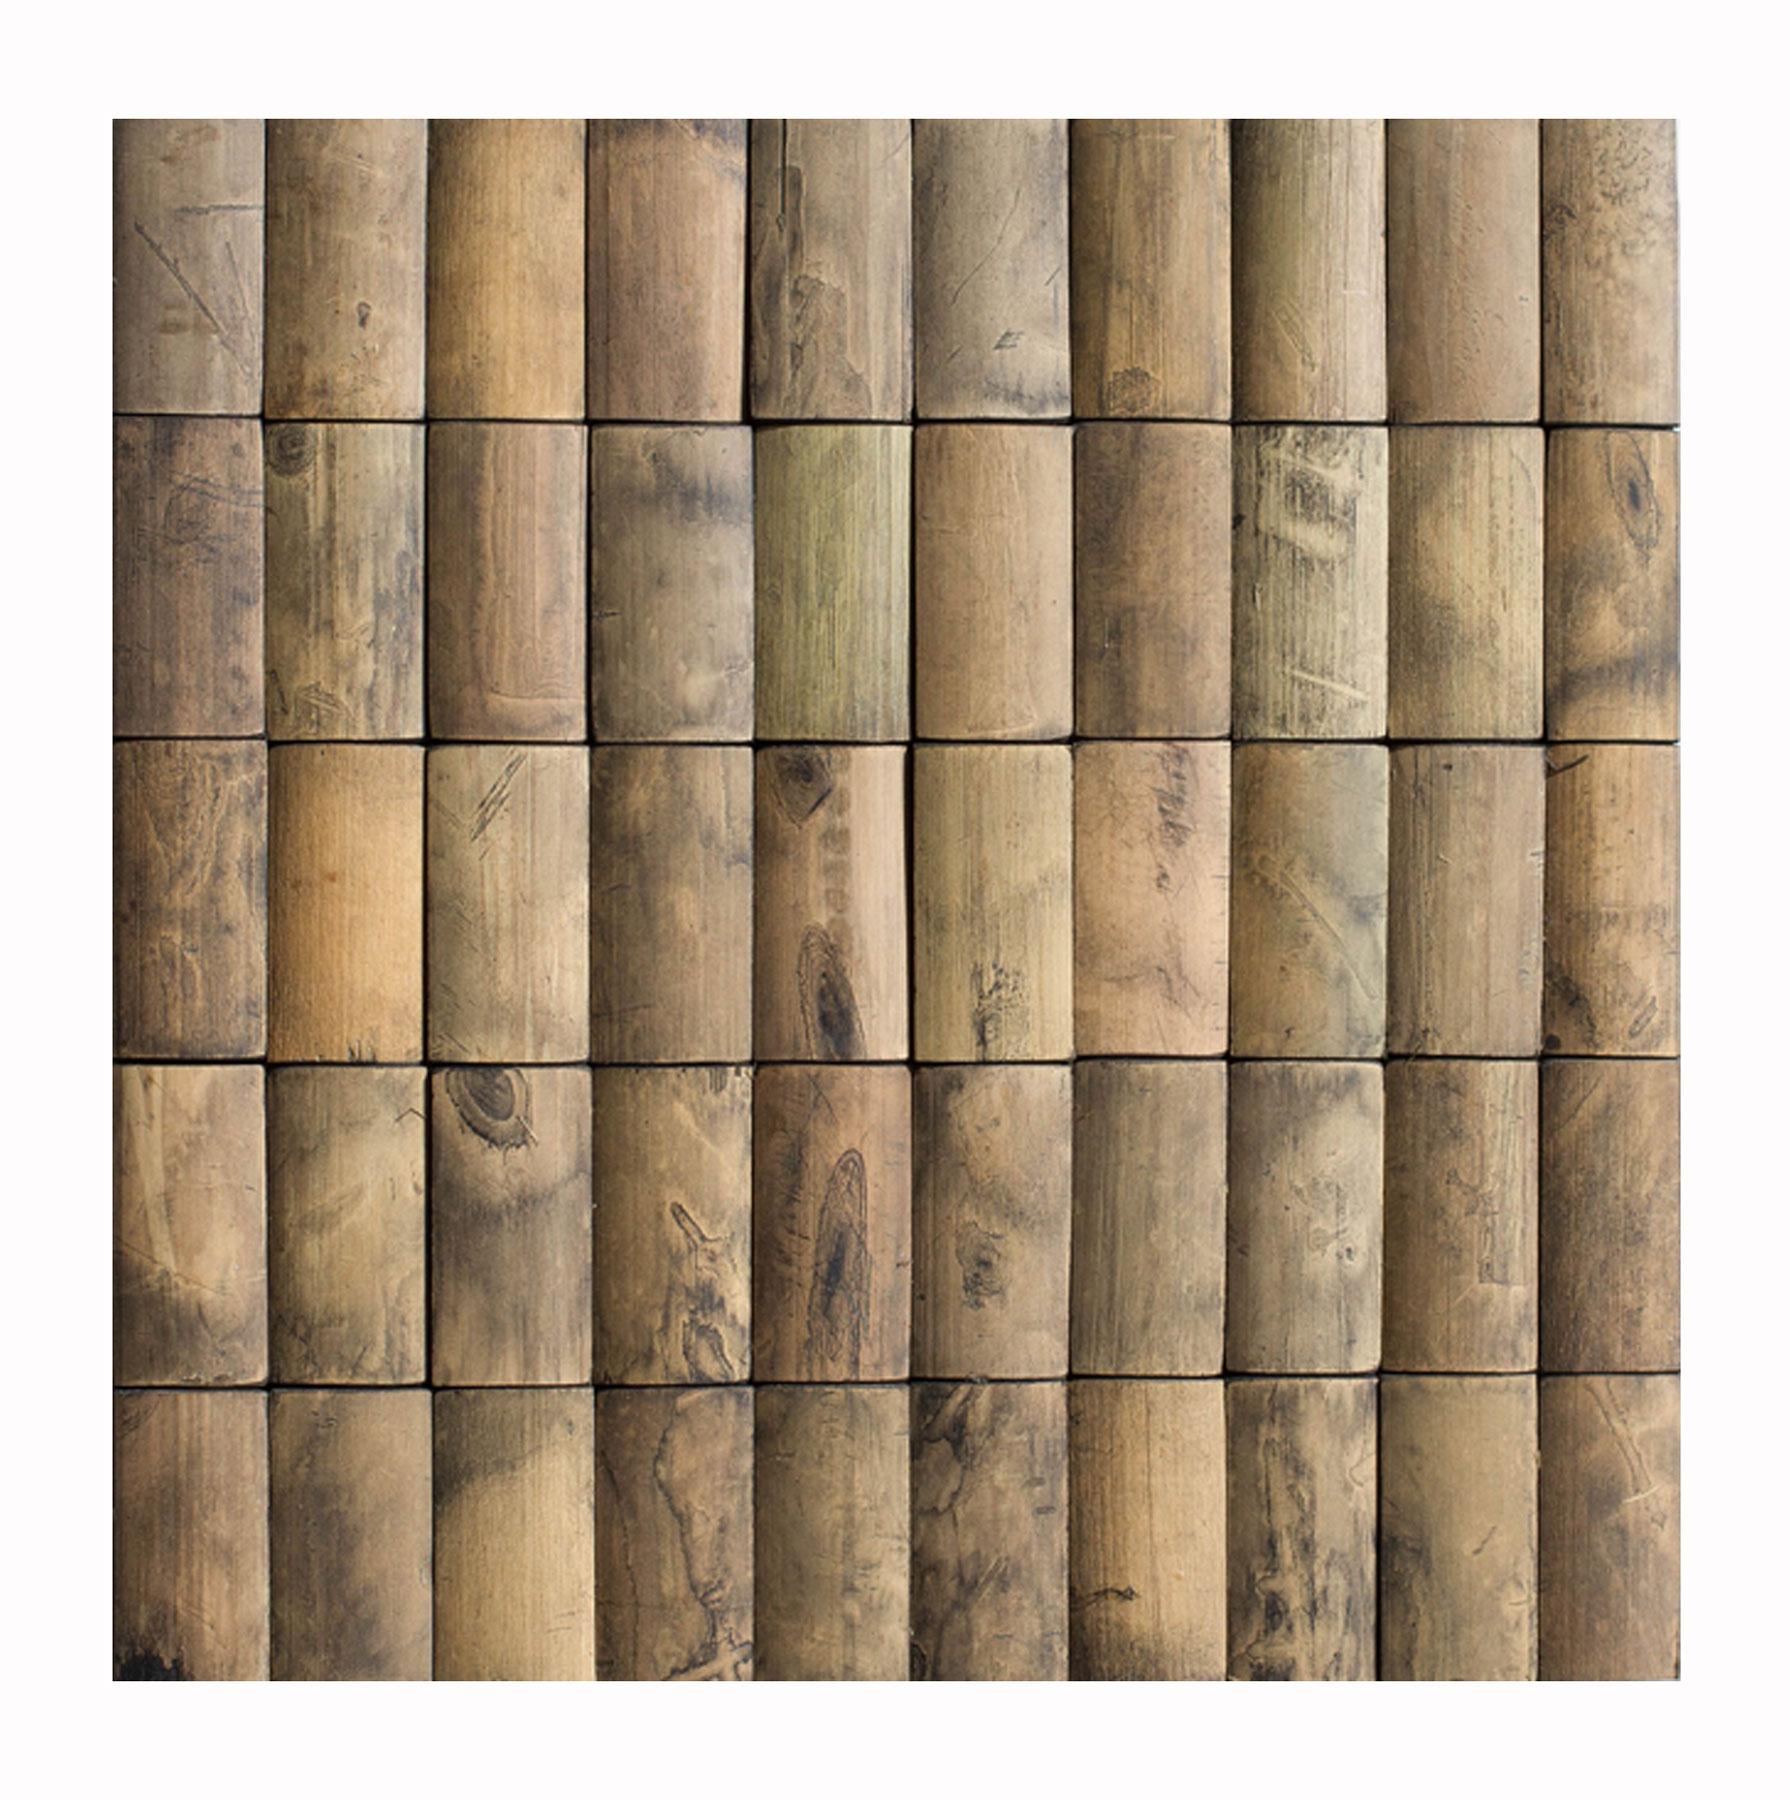 Holz_Design_Mosaikfliesen